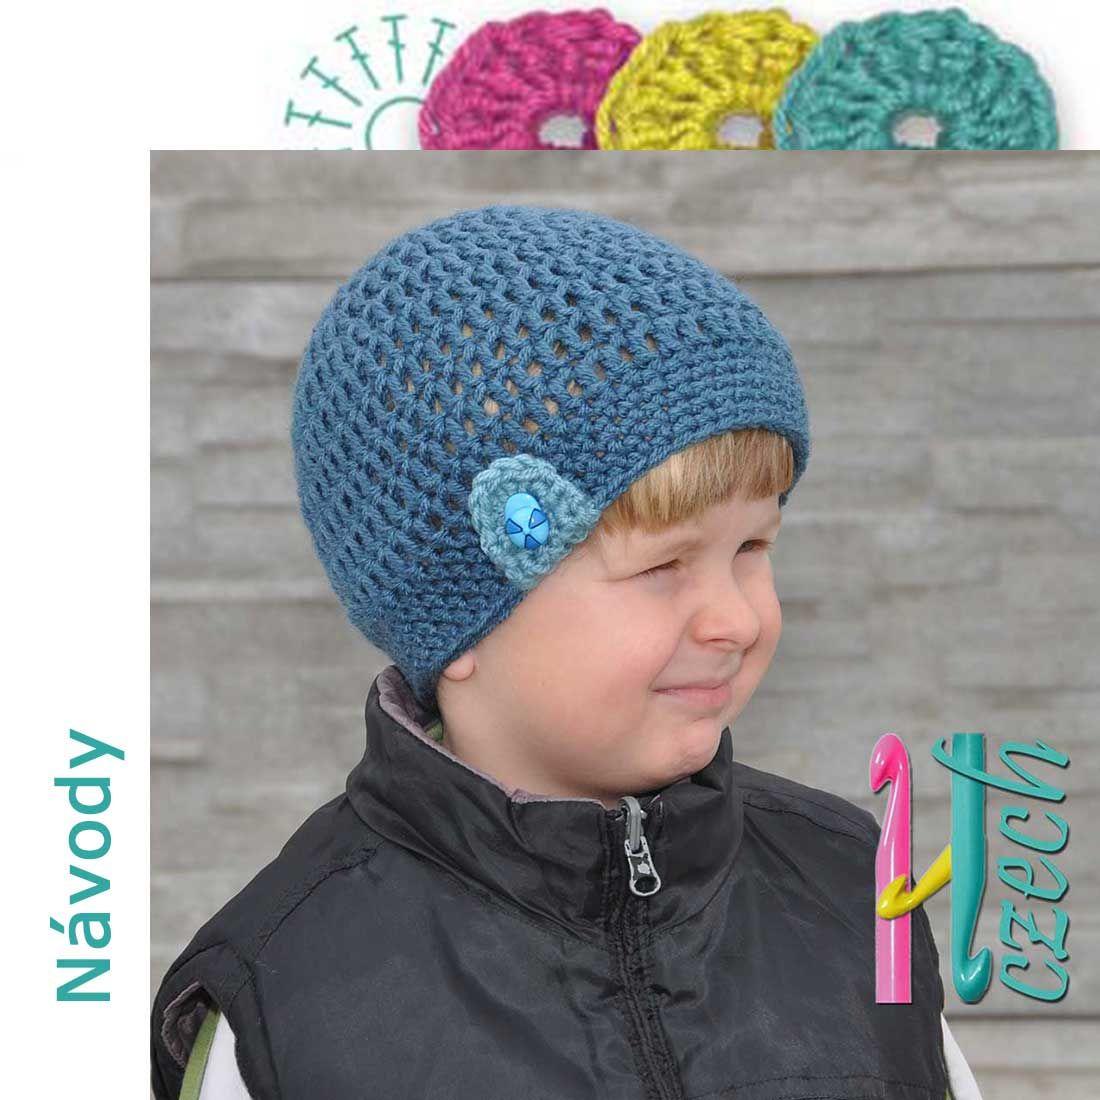 14b0a502913 Háčkovaná čepice knoflíček Návod na výrobu háčkované čepice pro děti.  Několik velikostí.